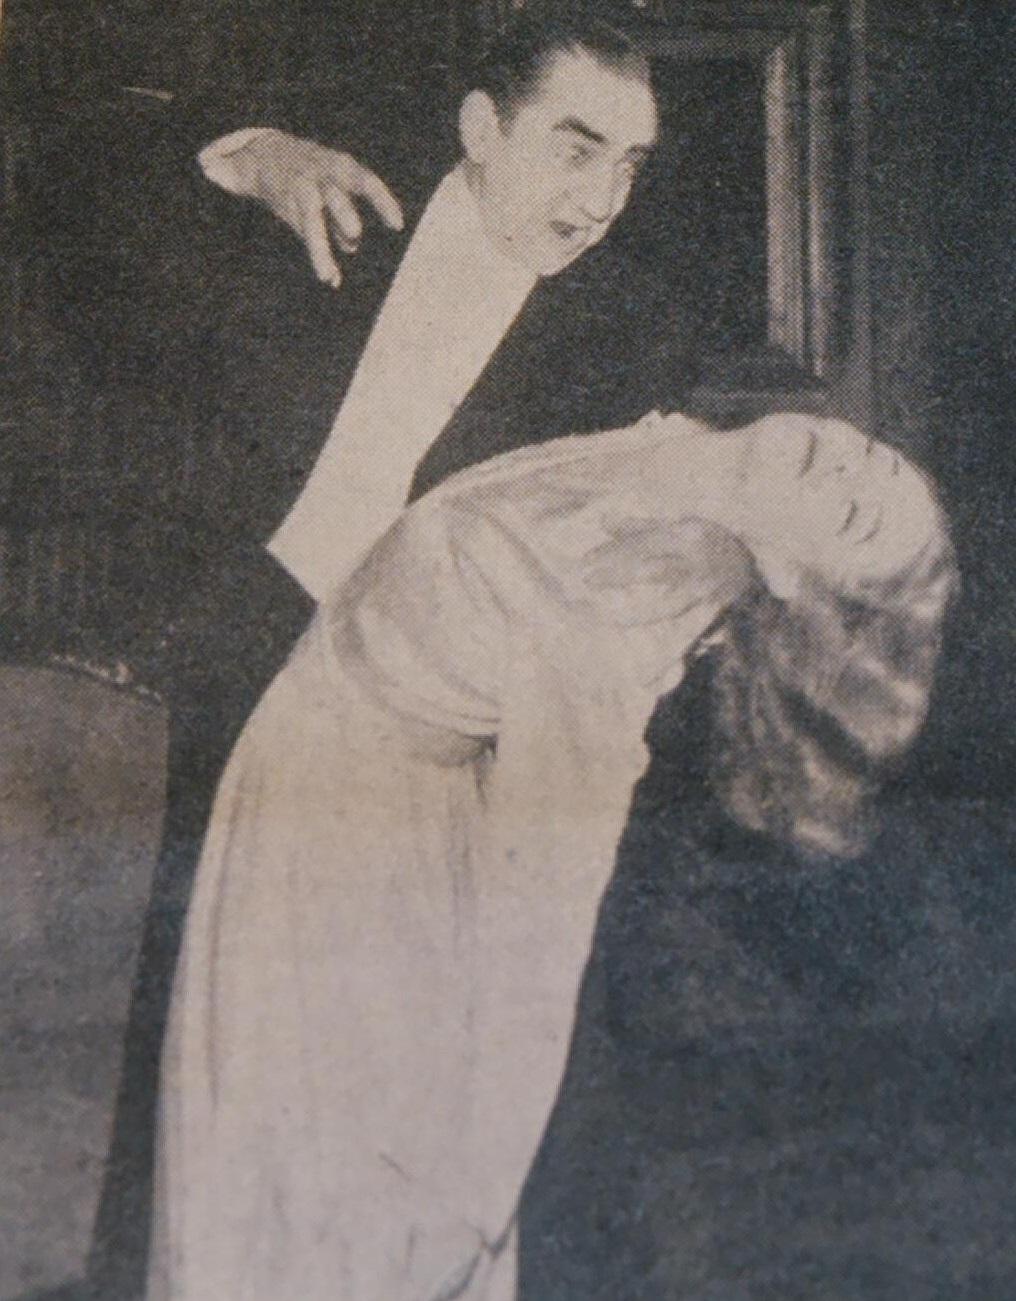 Bela and leading lady Sheila Wynn at the Lewisham Hippodrome